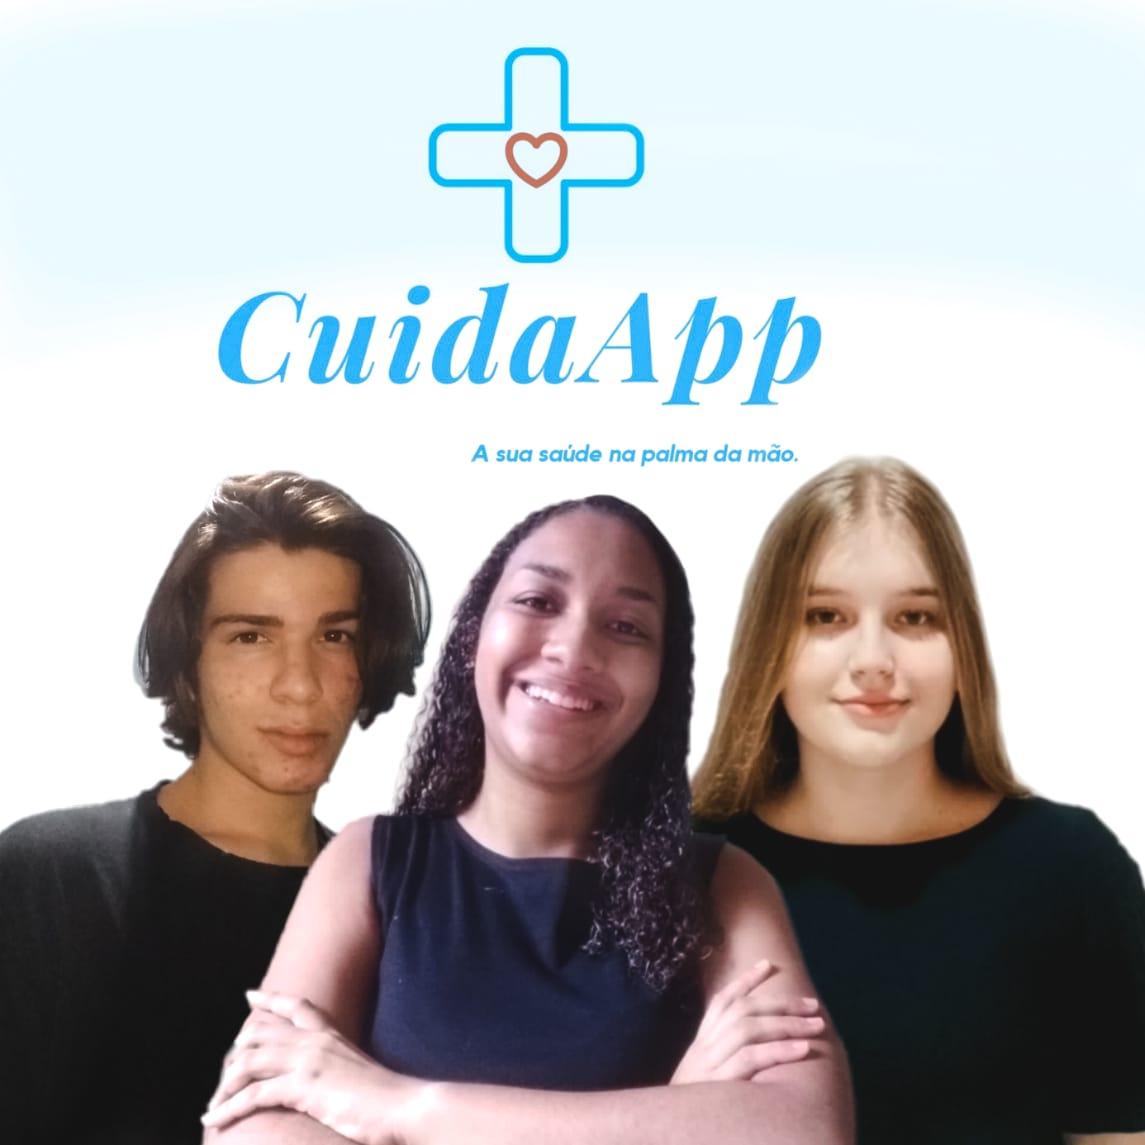 Montagem com o recorte da foto de 3 jovens: um menino branco ao fundo, uma jovem negra à frente, e o lado esquerdo uma menina branca. Em cima deles há o logo do CuidaApp